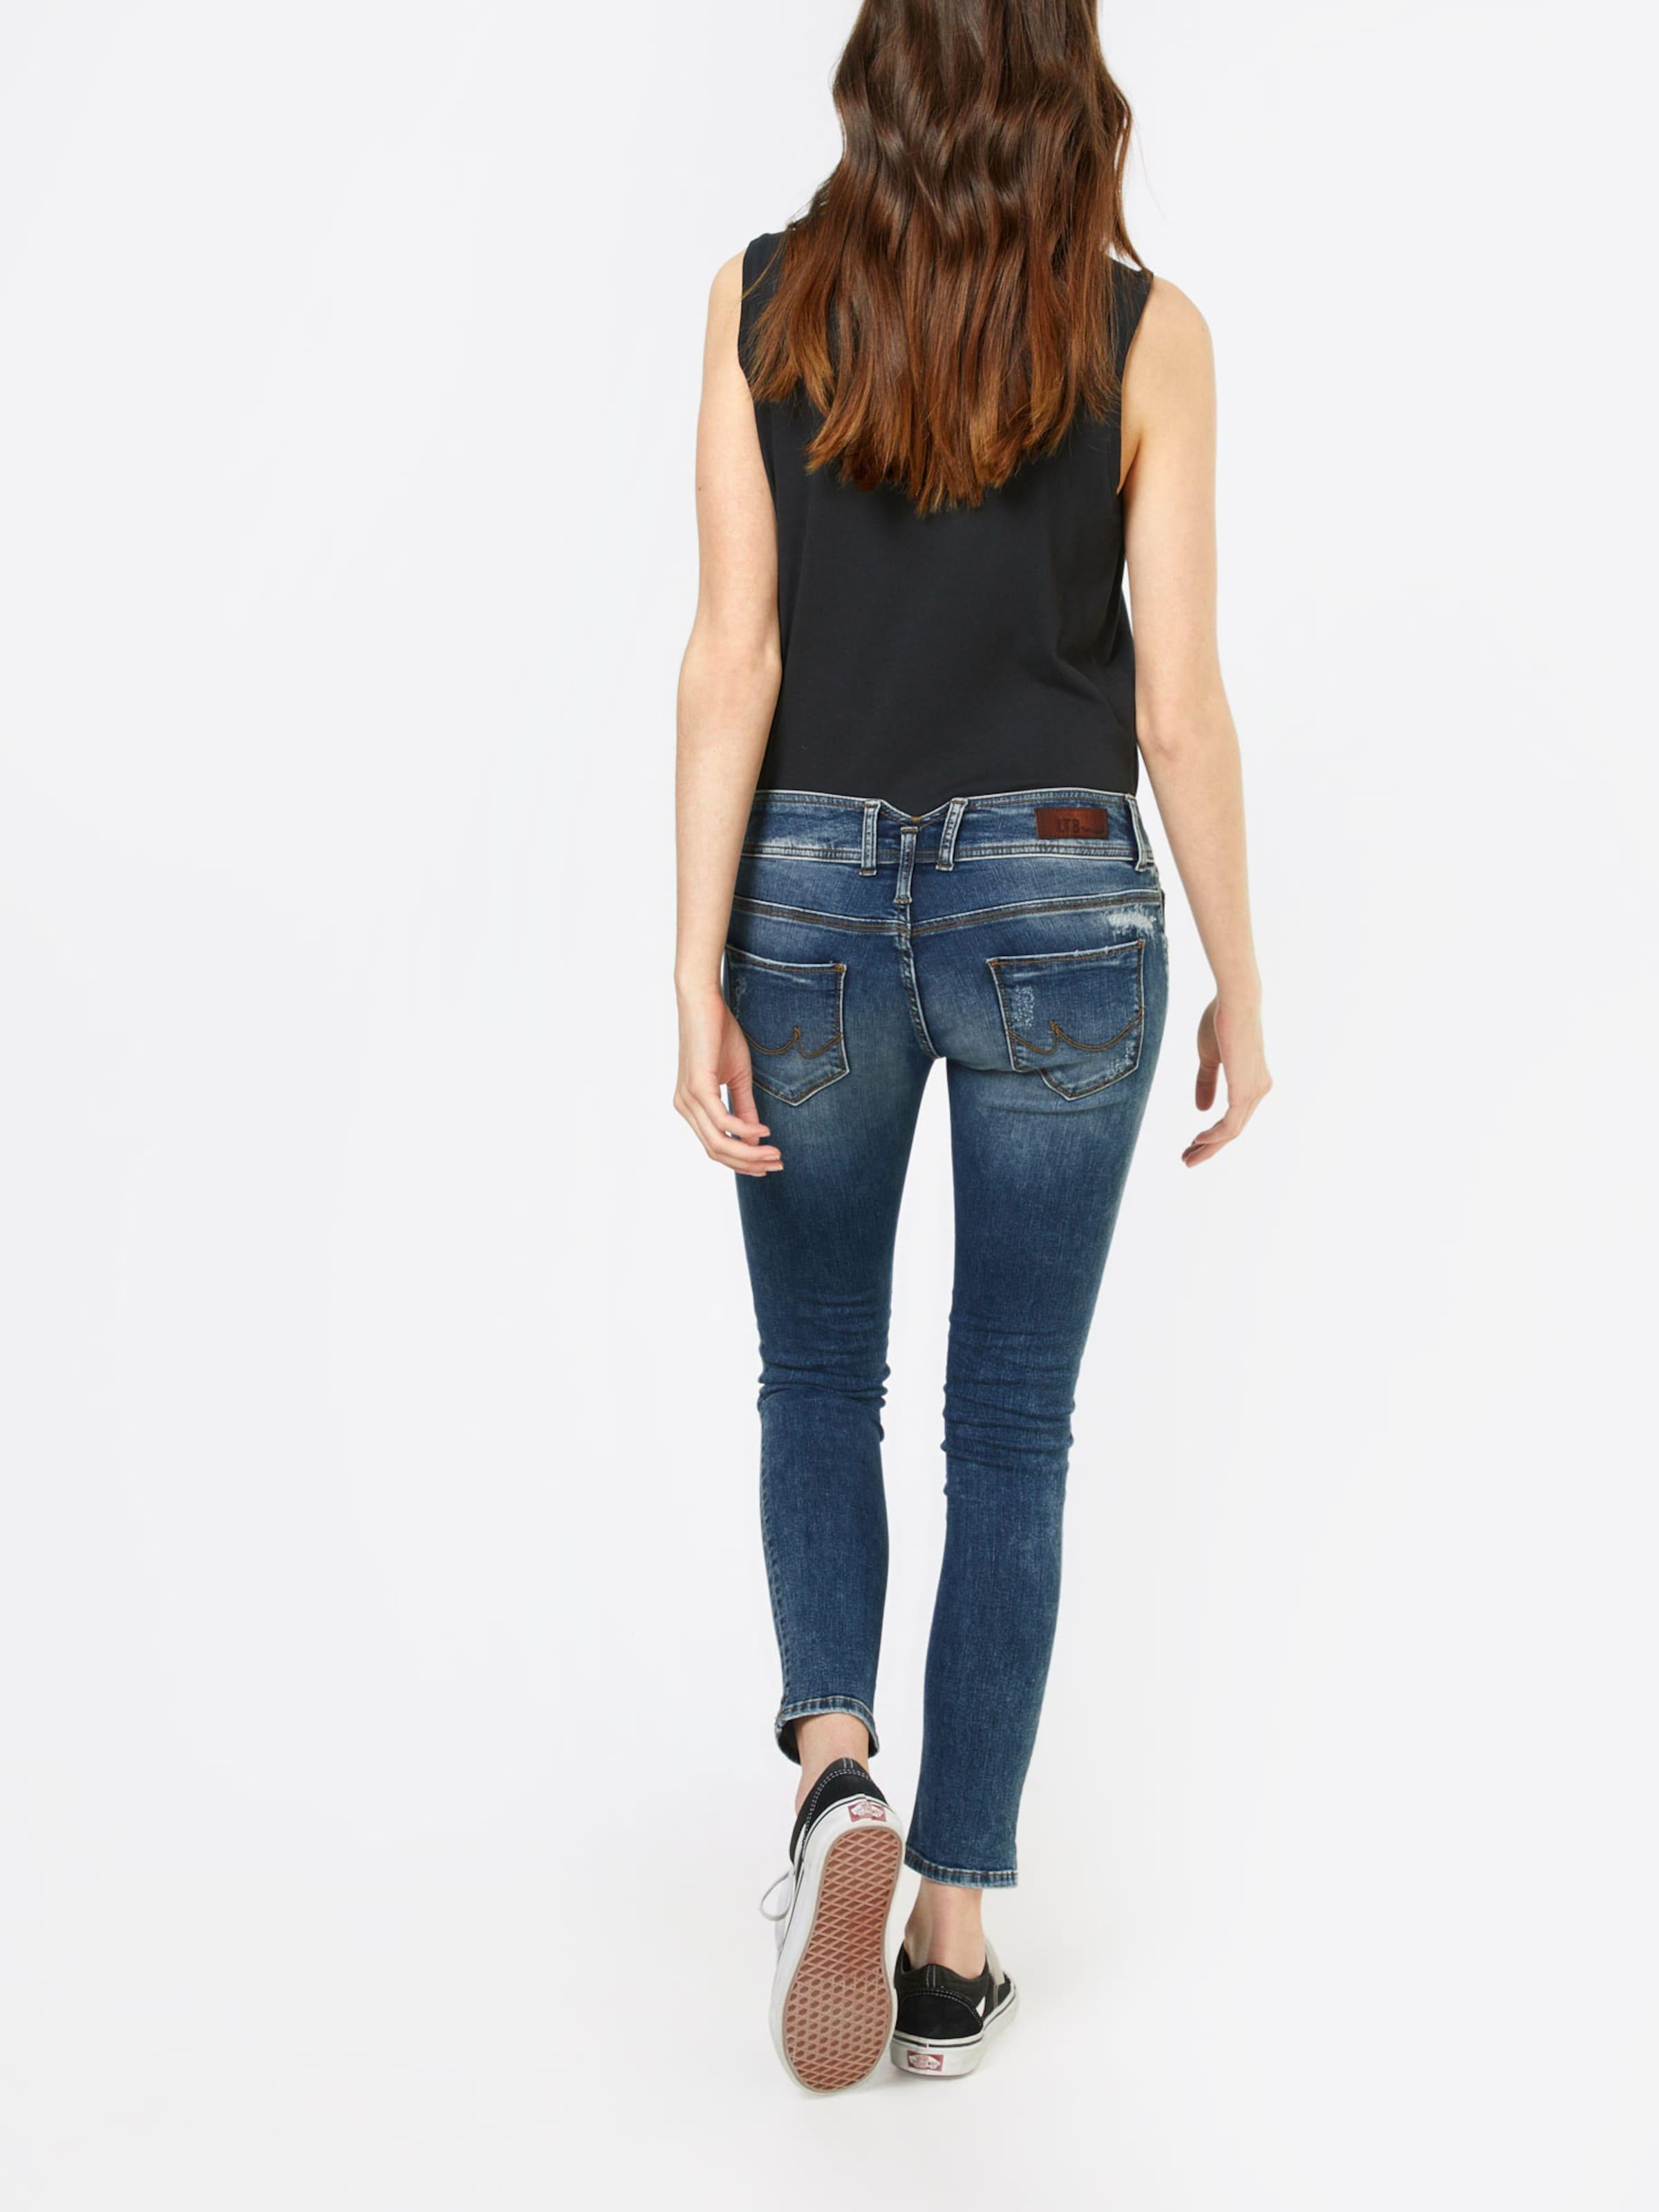 Jeans Ltb 'georget' Blauw Denim In qGzMpSUV